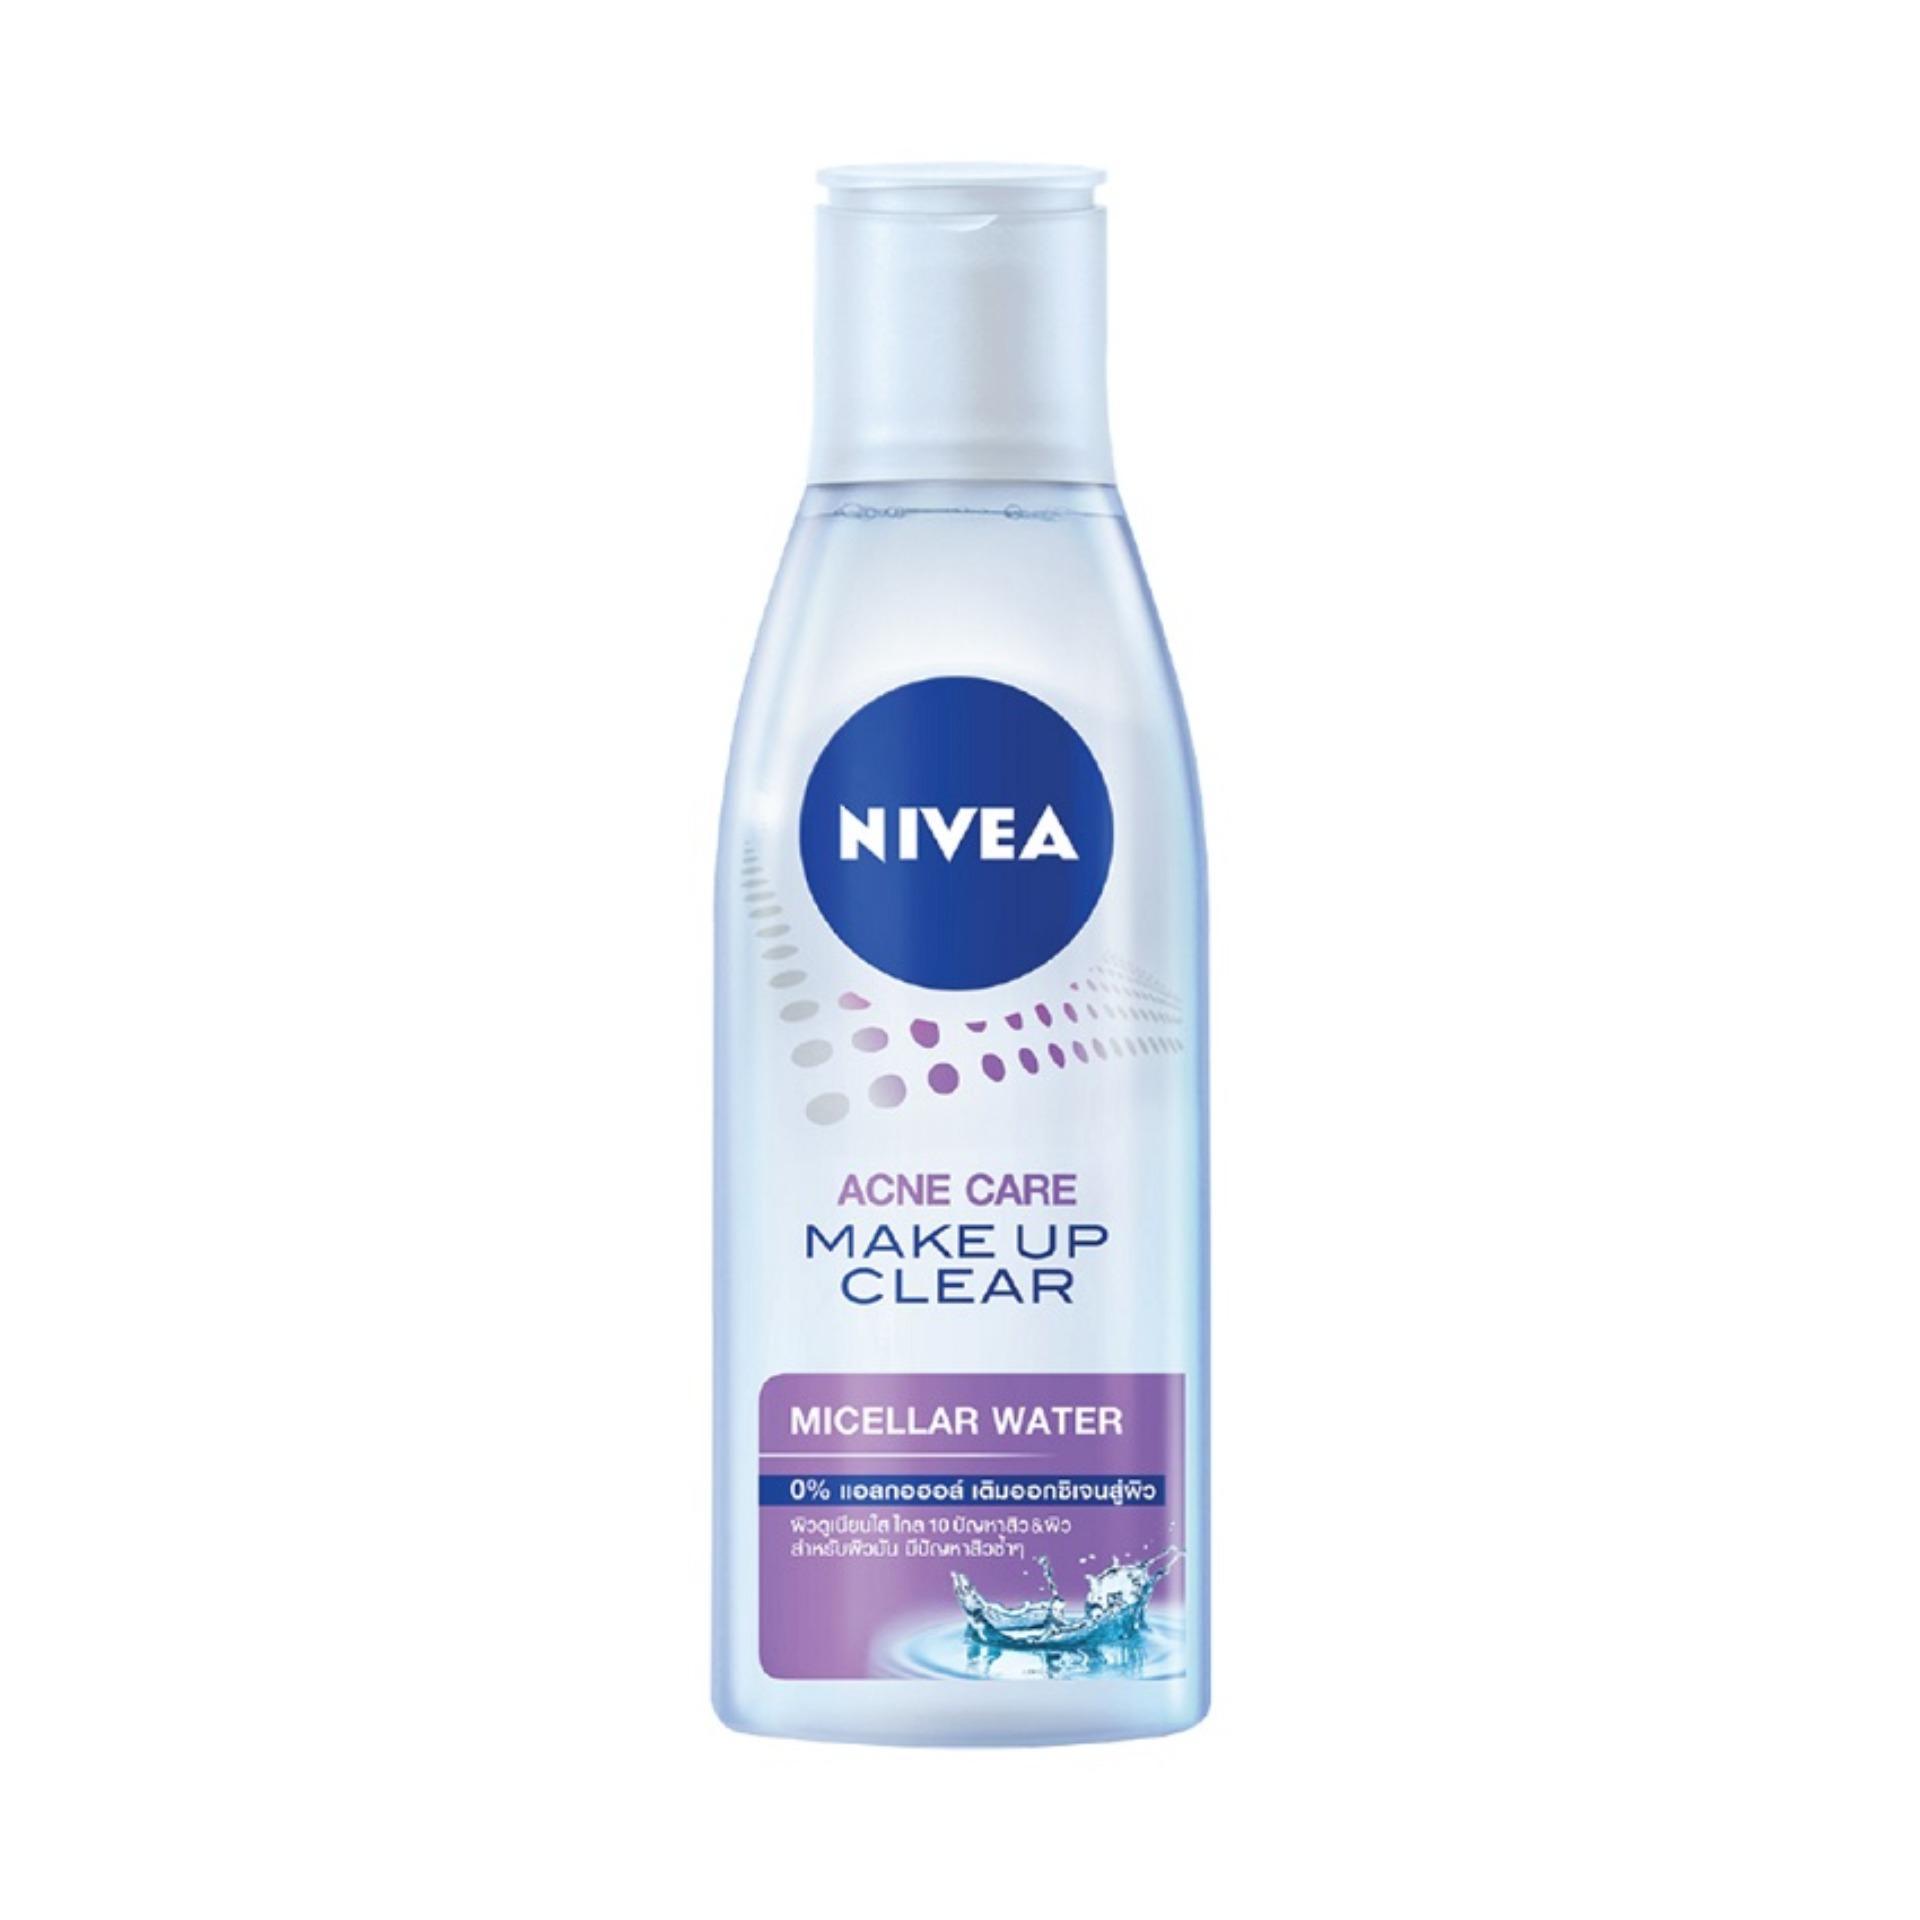 Nước tẩy trang NIVEA Acne Care Make up clear Micellar water 200ml